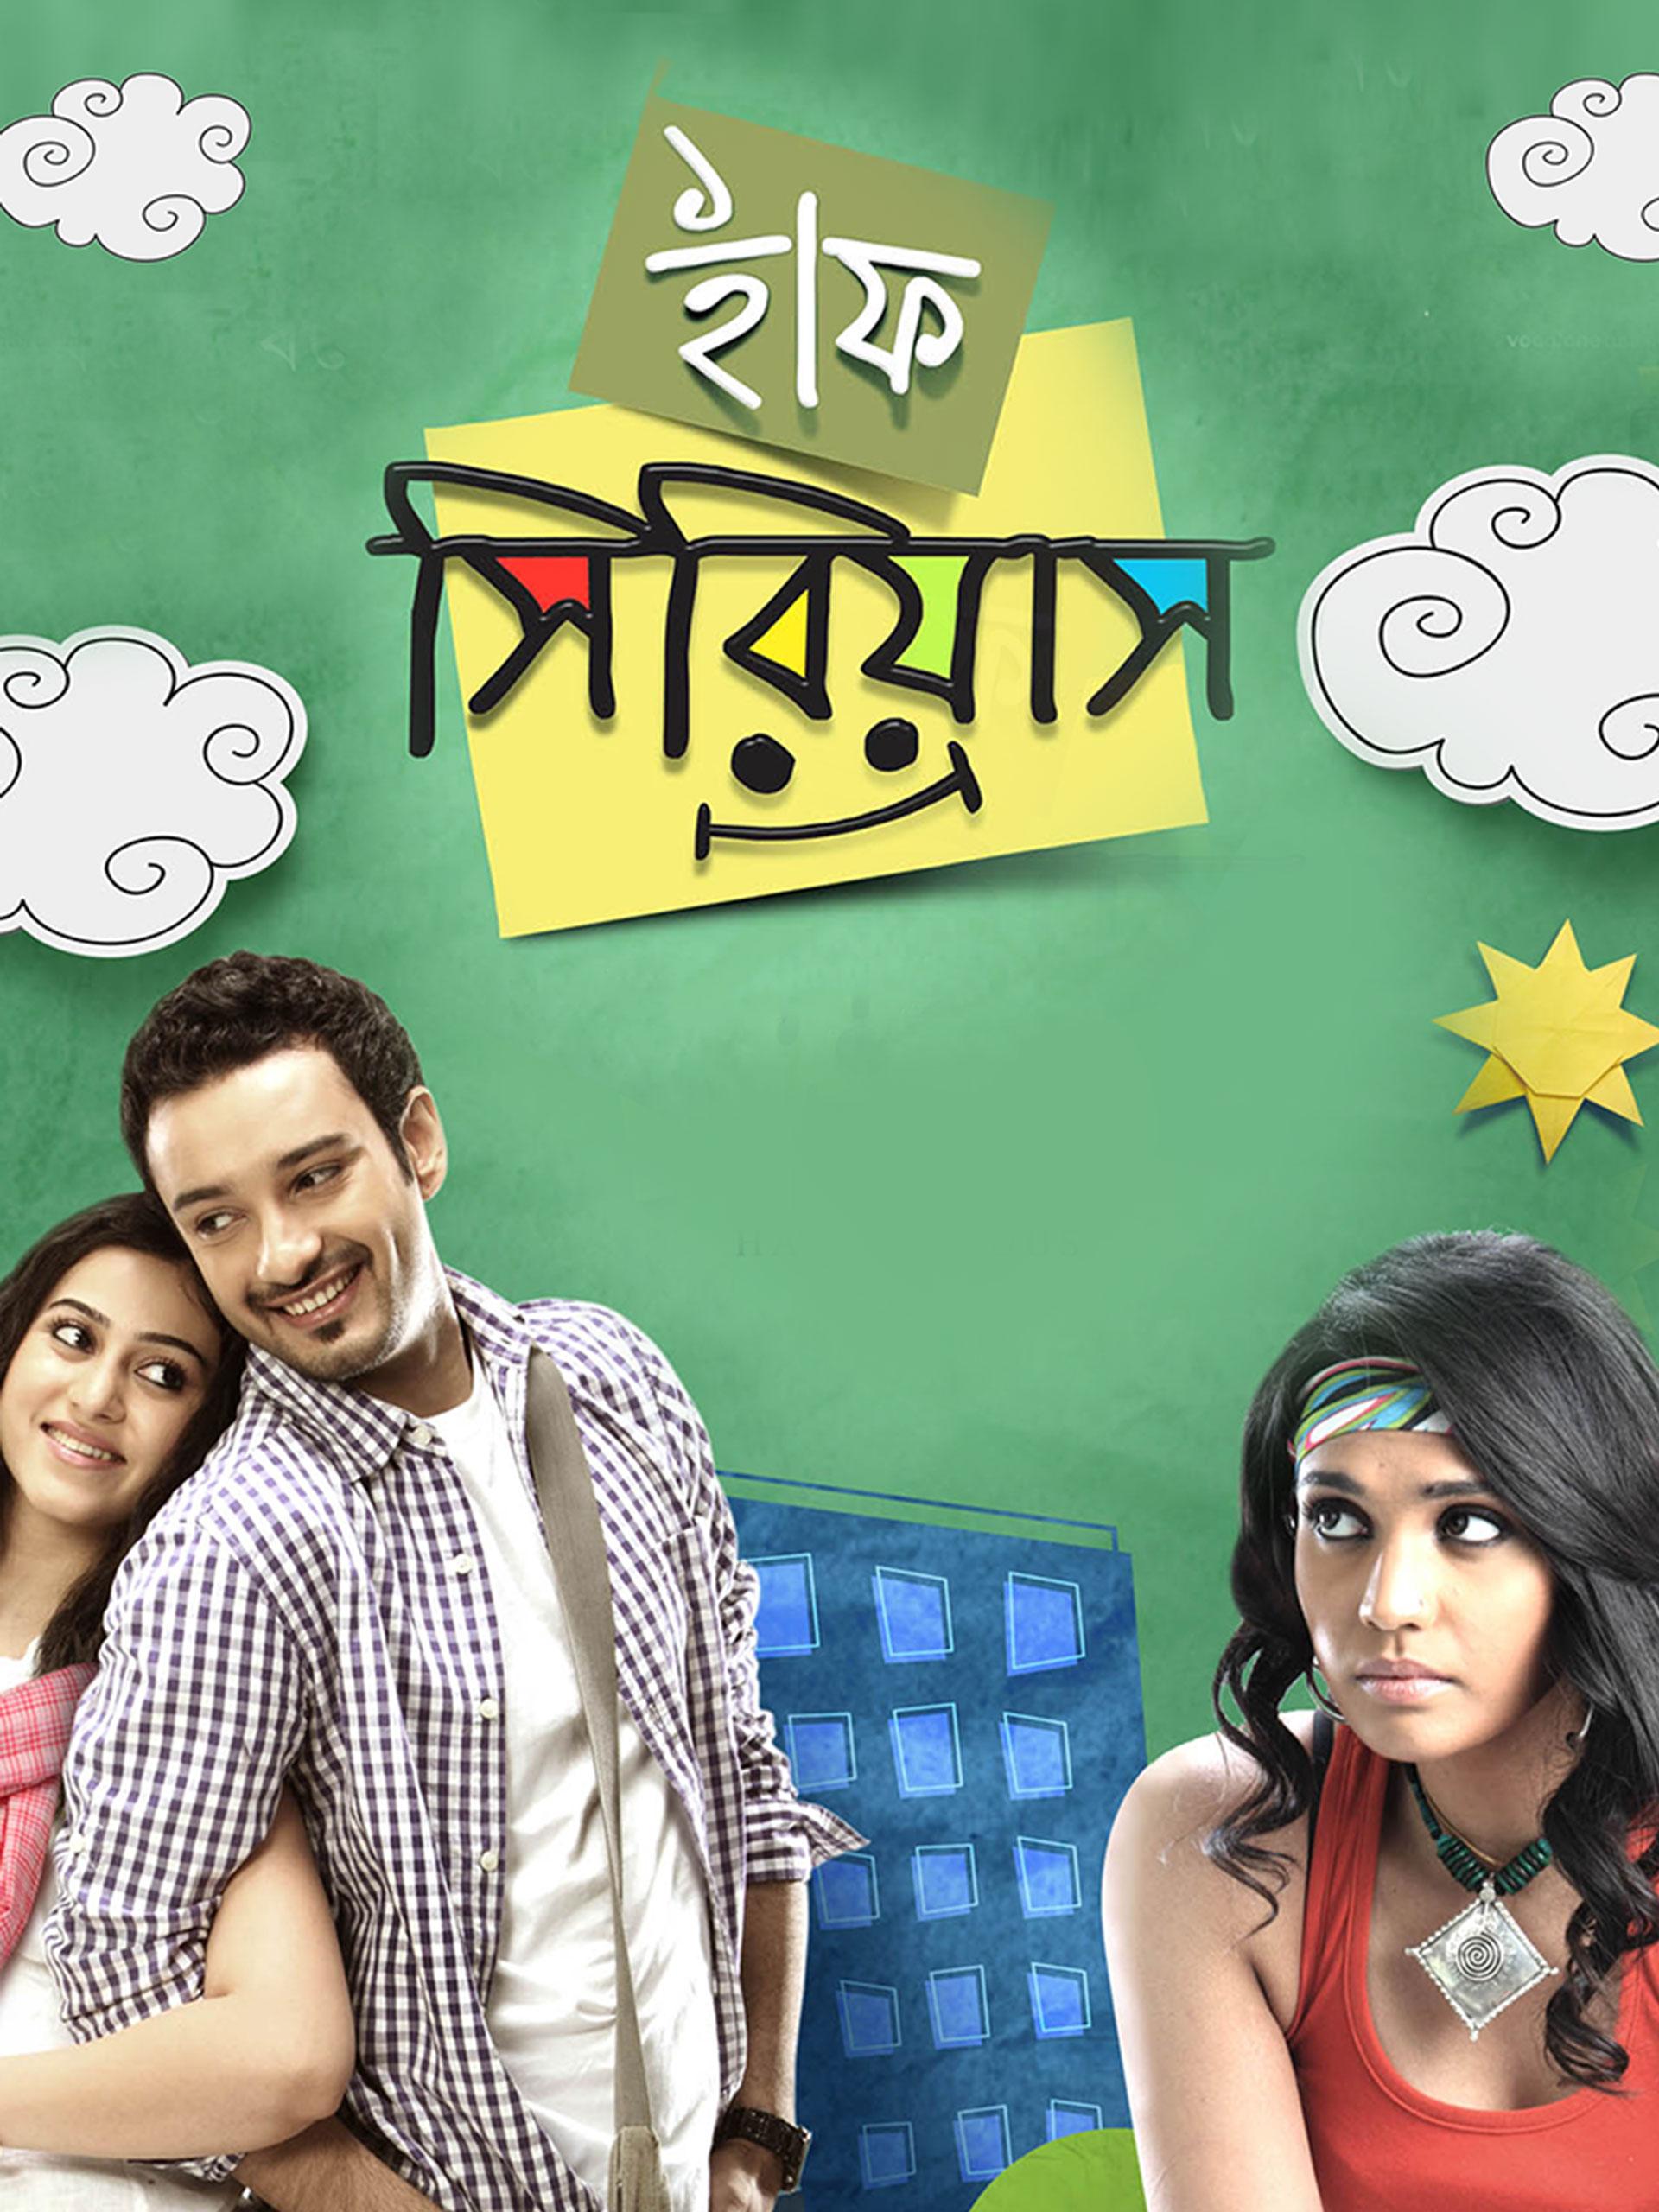 Half Serious (2013) Bengali 720p HDRip x264 AAC ESubs Full Bengali Movie [650MB]